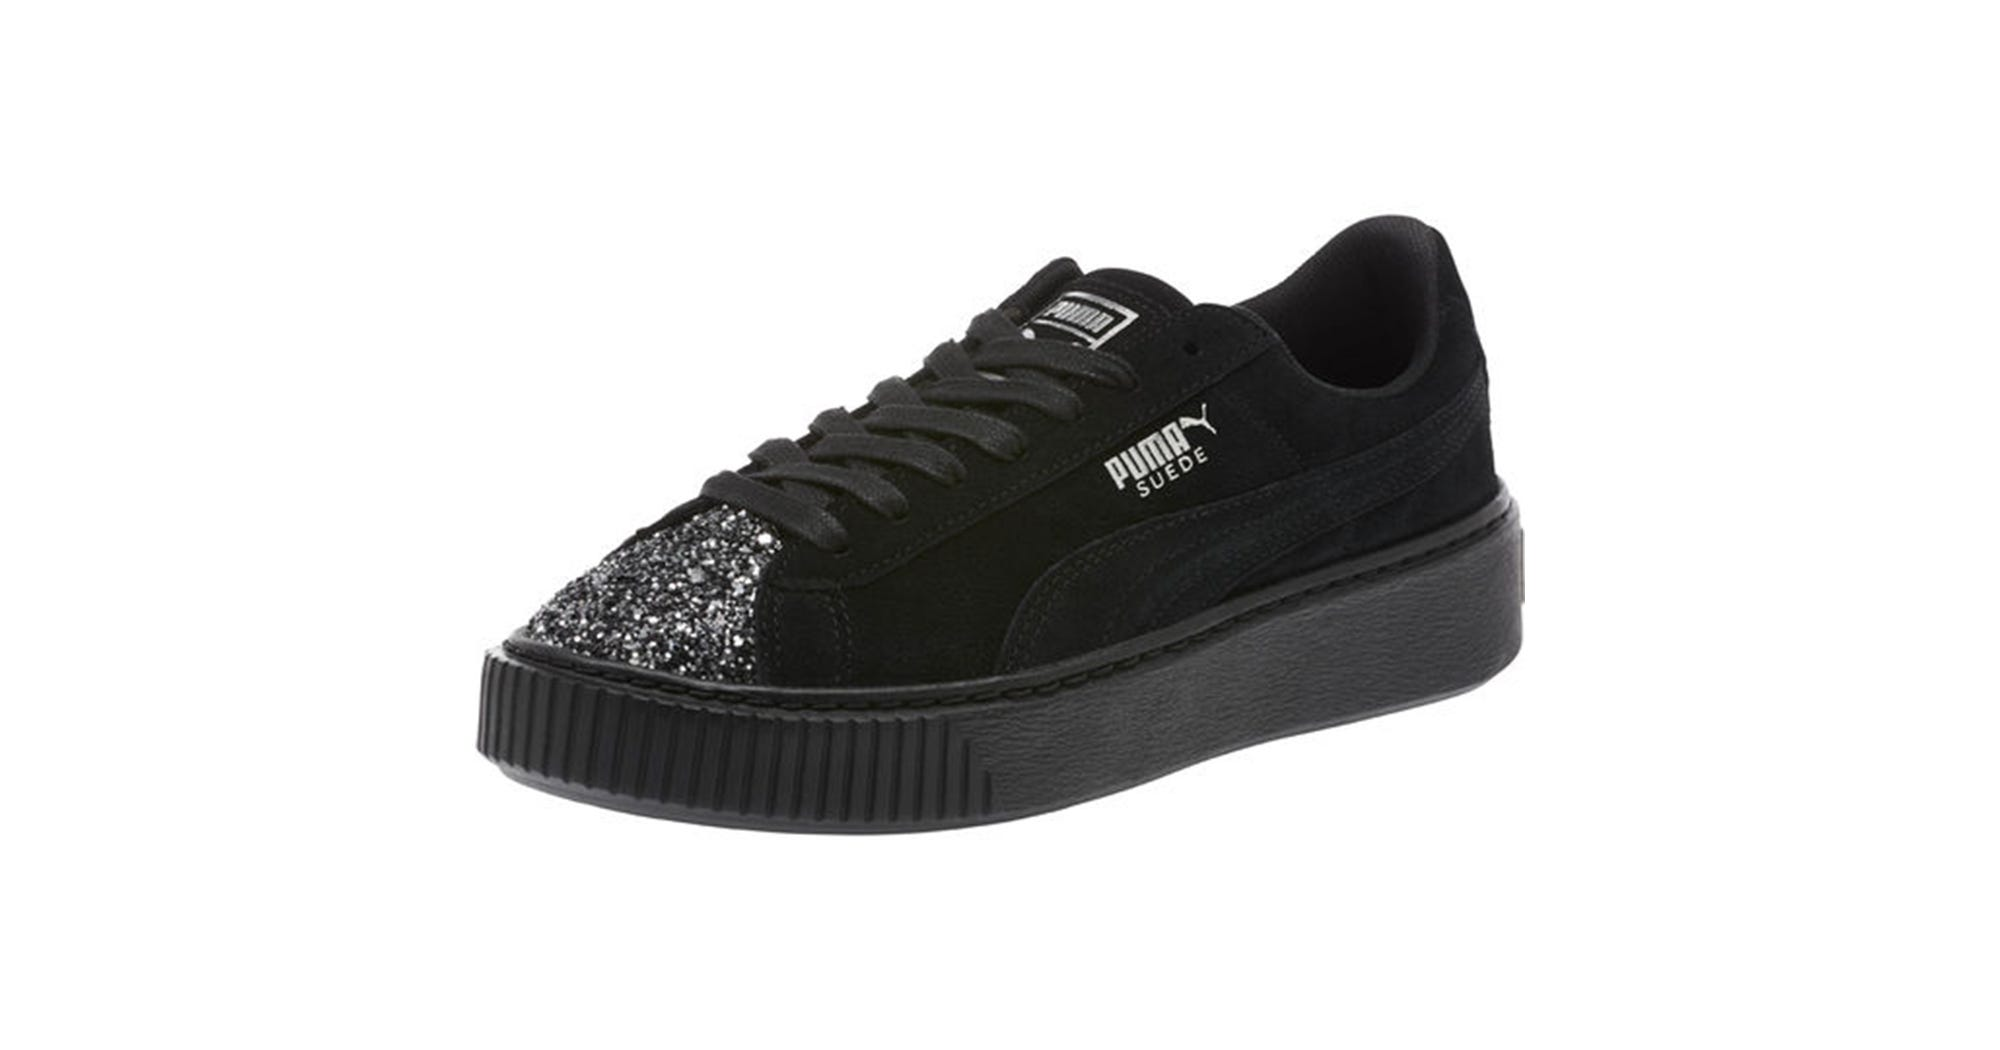 Shop Puma Suede Glitter Toe Sneakers b44e3261c